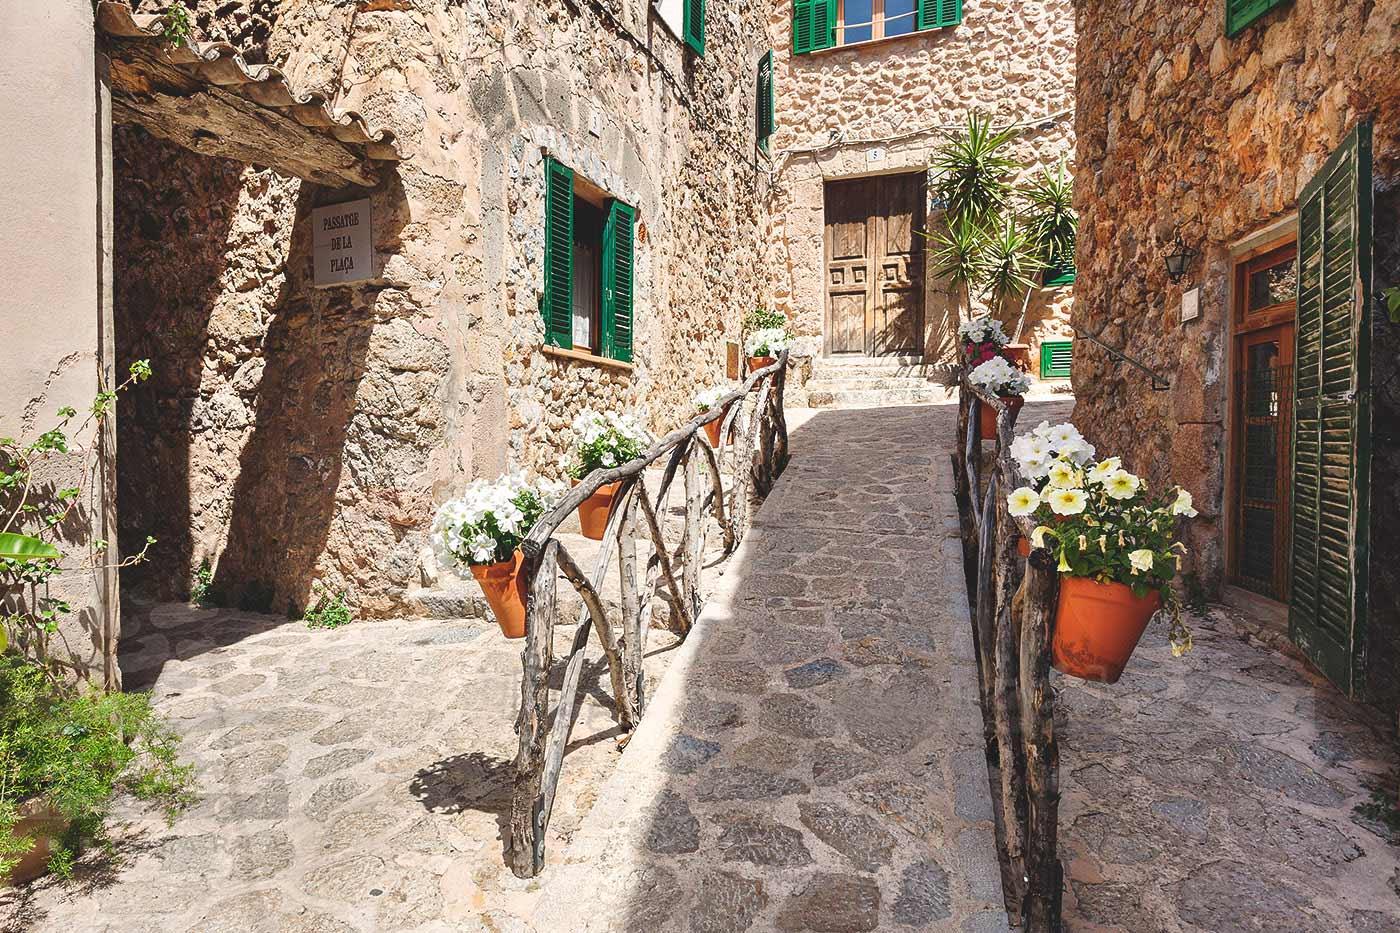 Bild der authentischen Straßen der maurischen Stadt Valldemossa